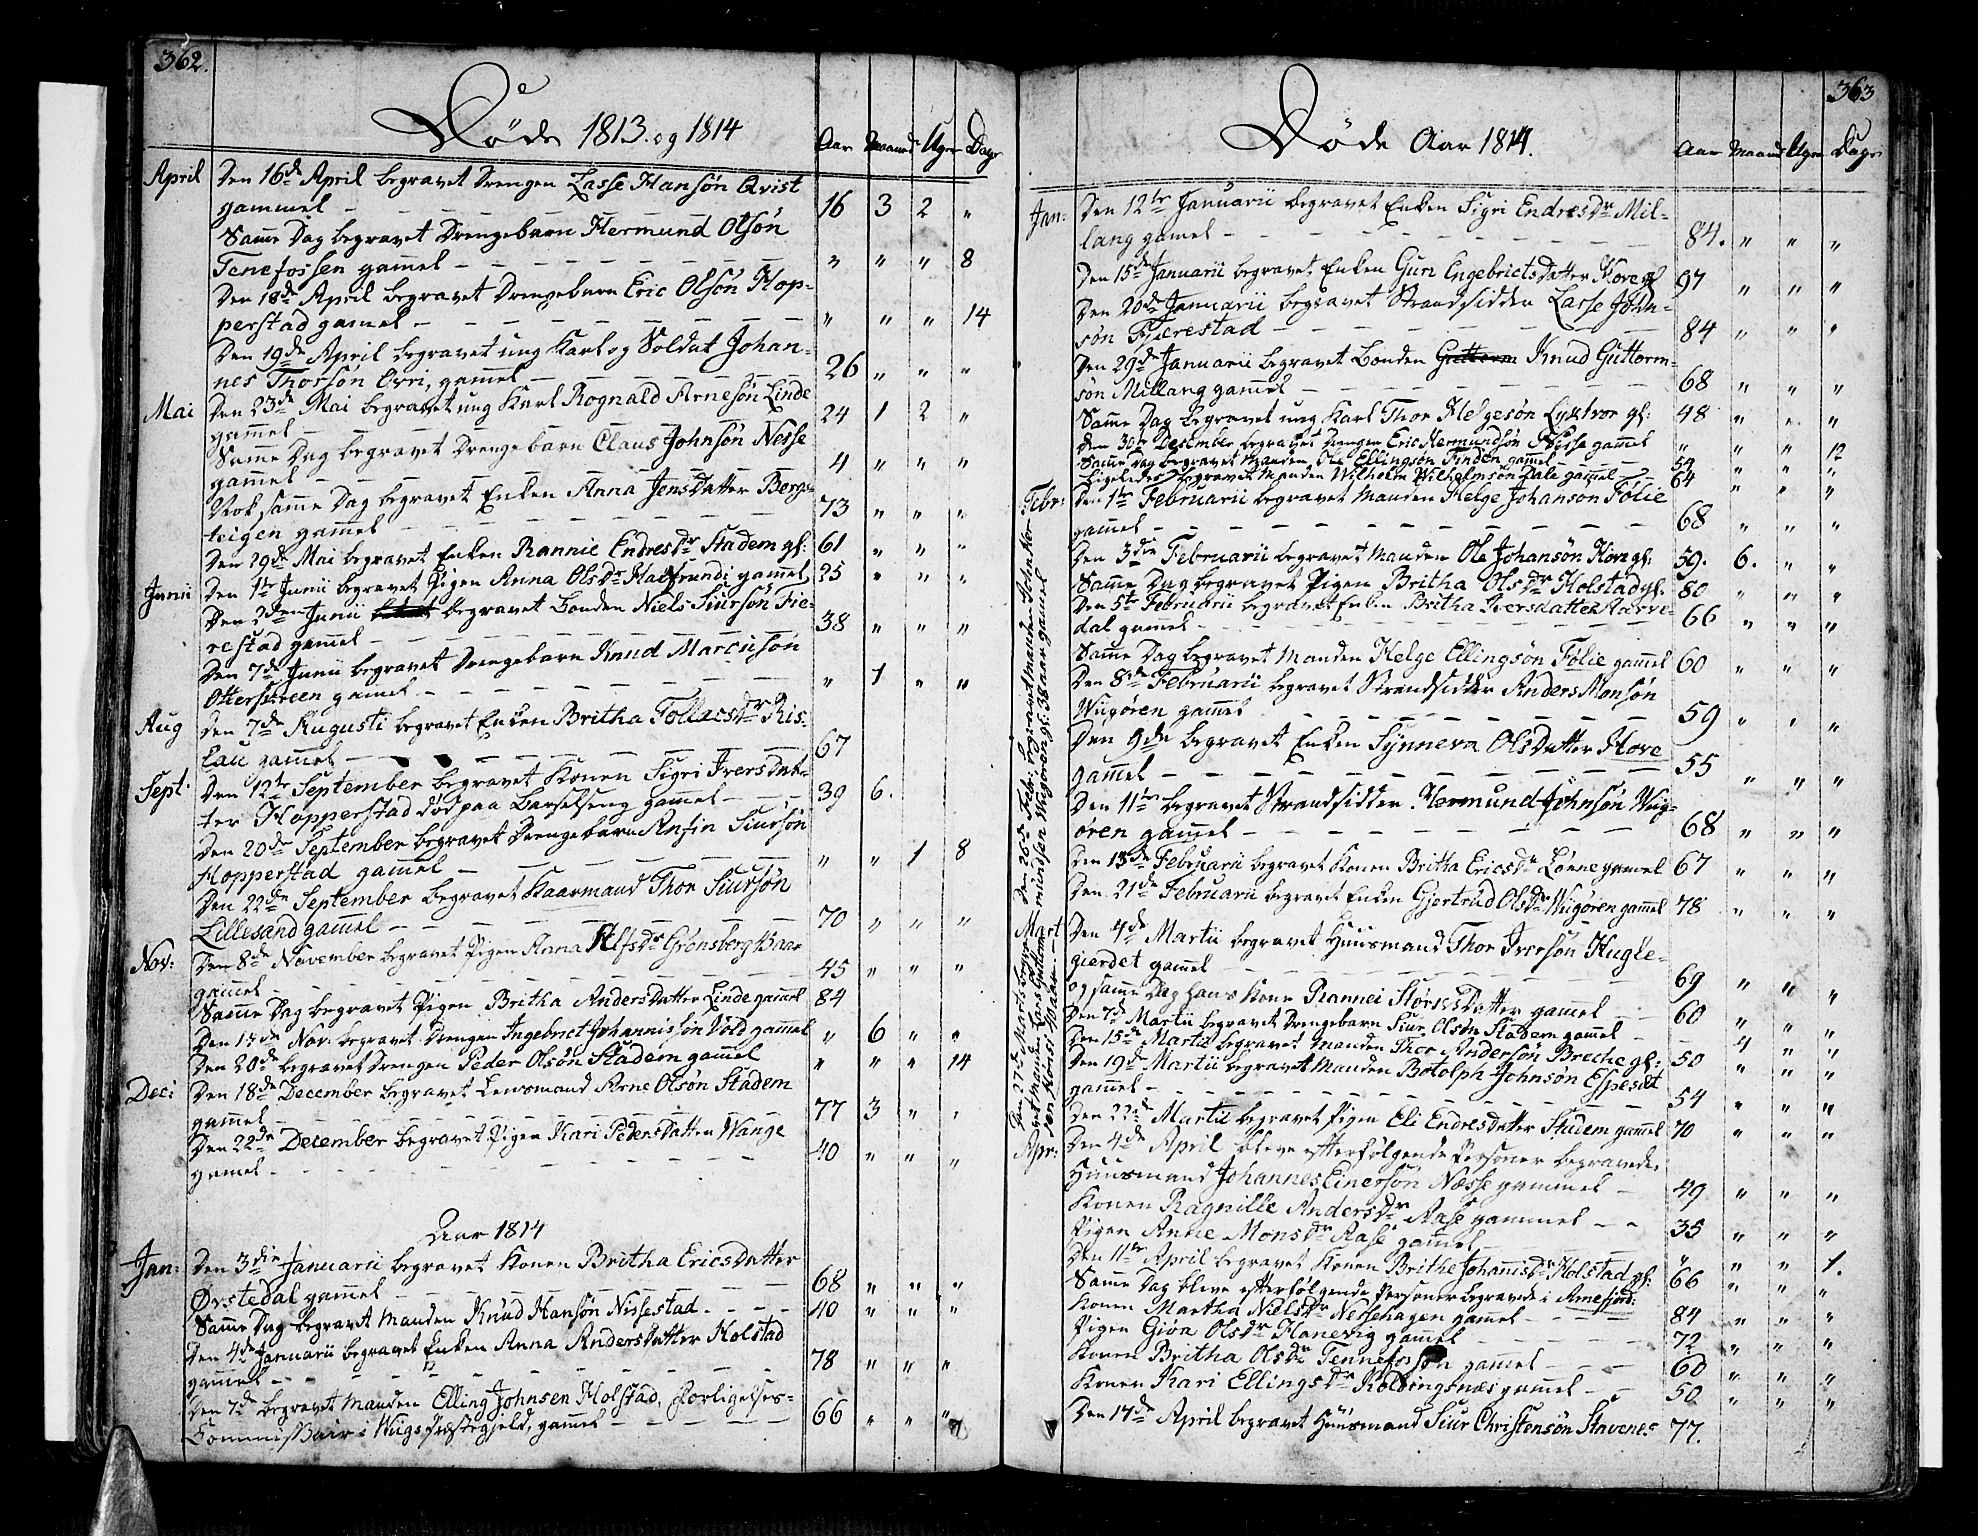 SAB, Vik Sokneprestembete, Ministerialbok nr. A 5, 1787-1820, s. 362-363